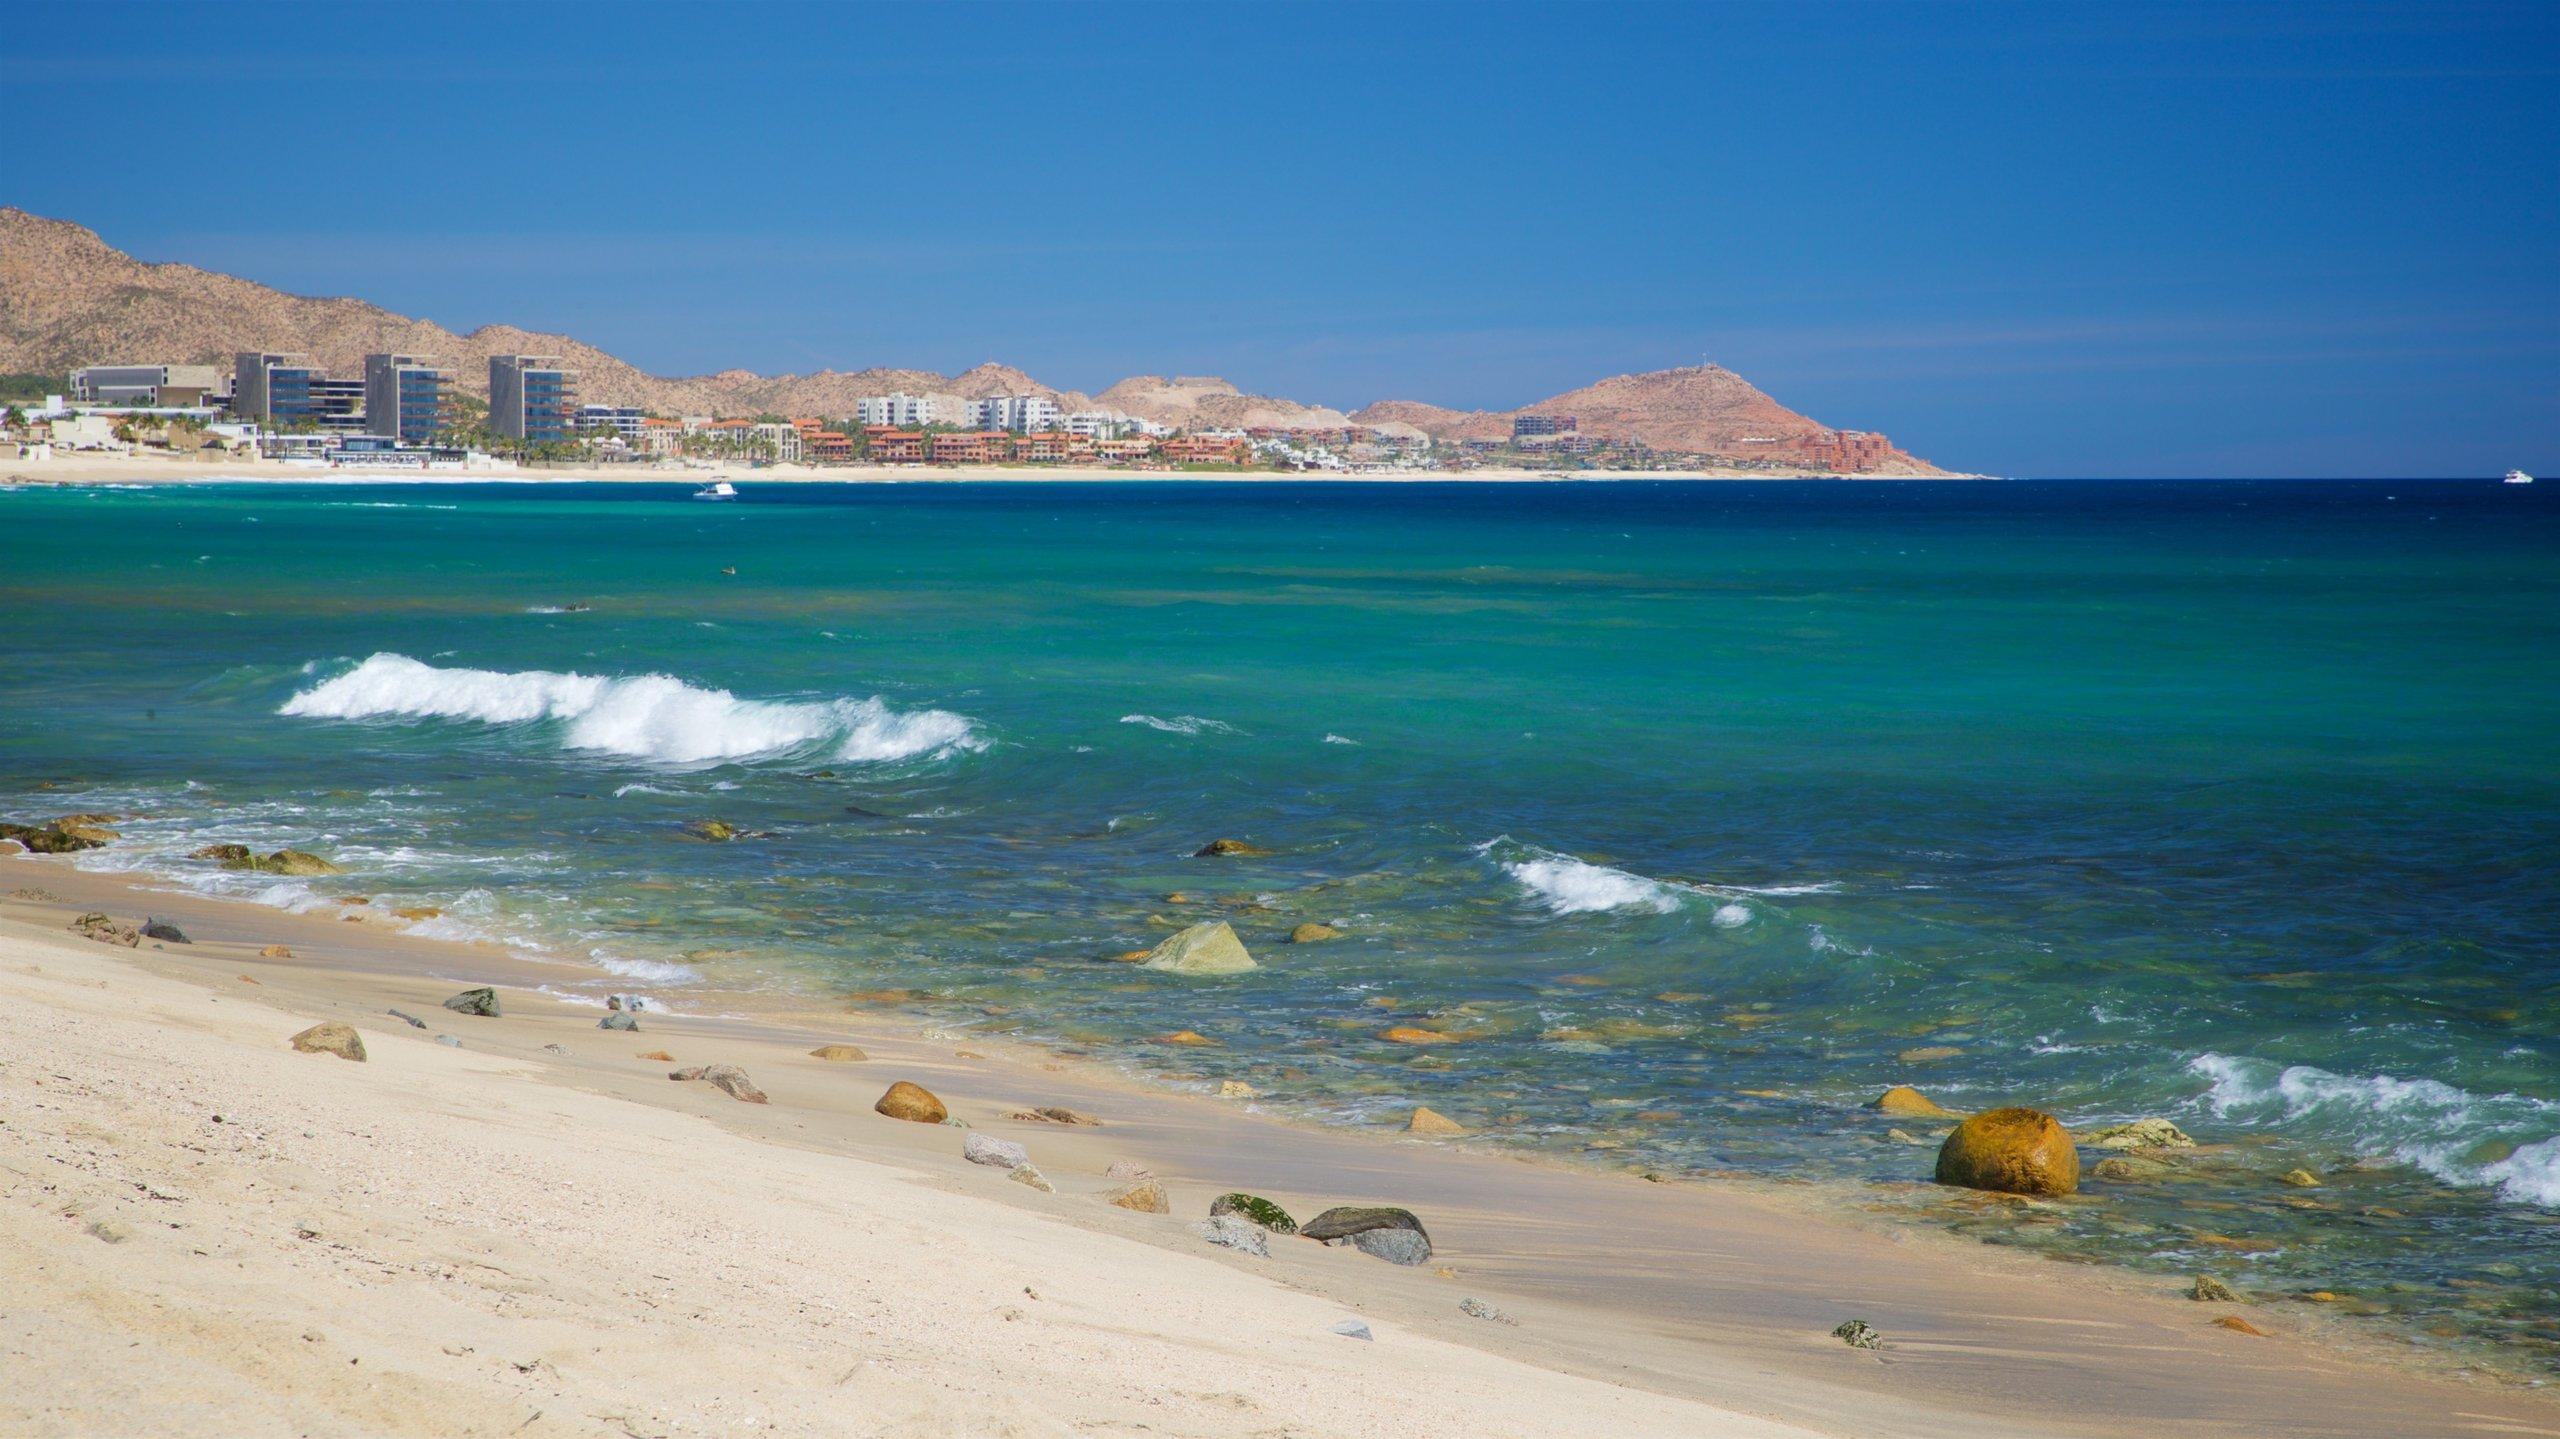 Desert Park Natural Reserve, Cabo San Lucas, Baja California Sur, Mexico